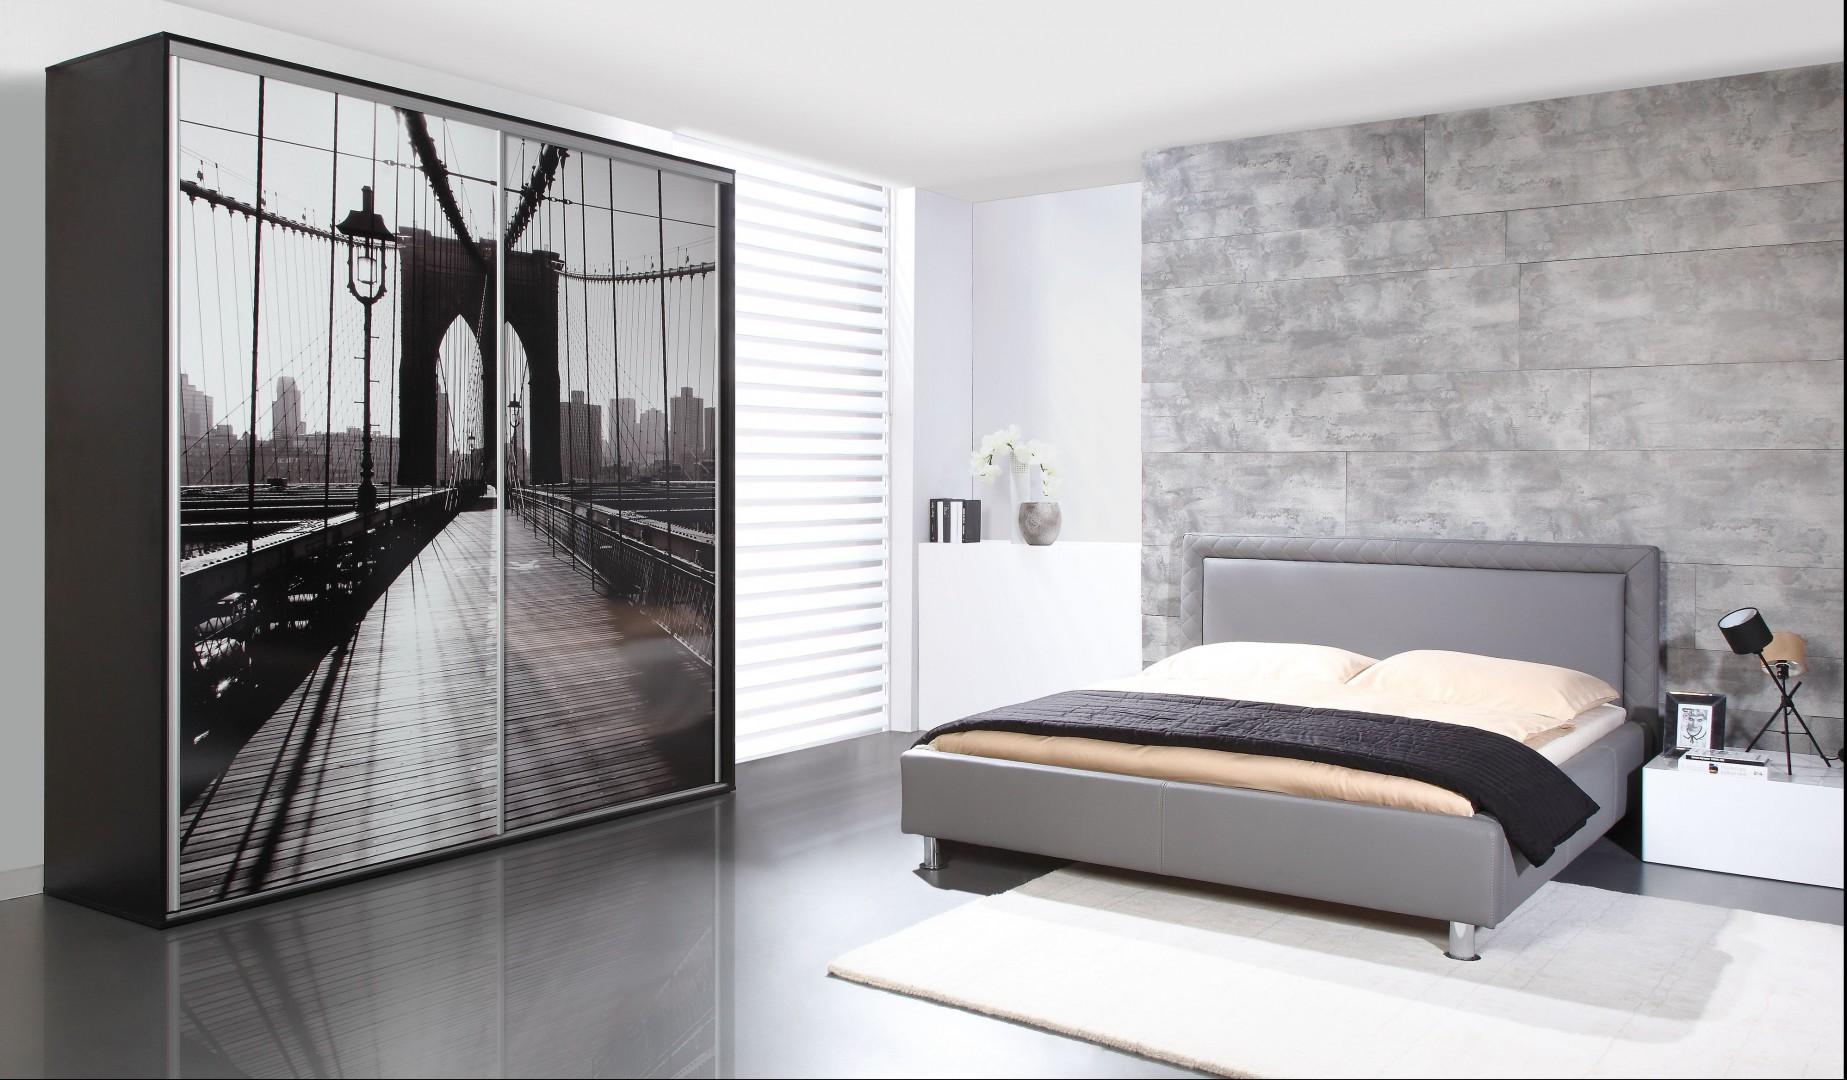 Rynek Mebli Najlepiej Sprzedawane łóżka Tapicerowane